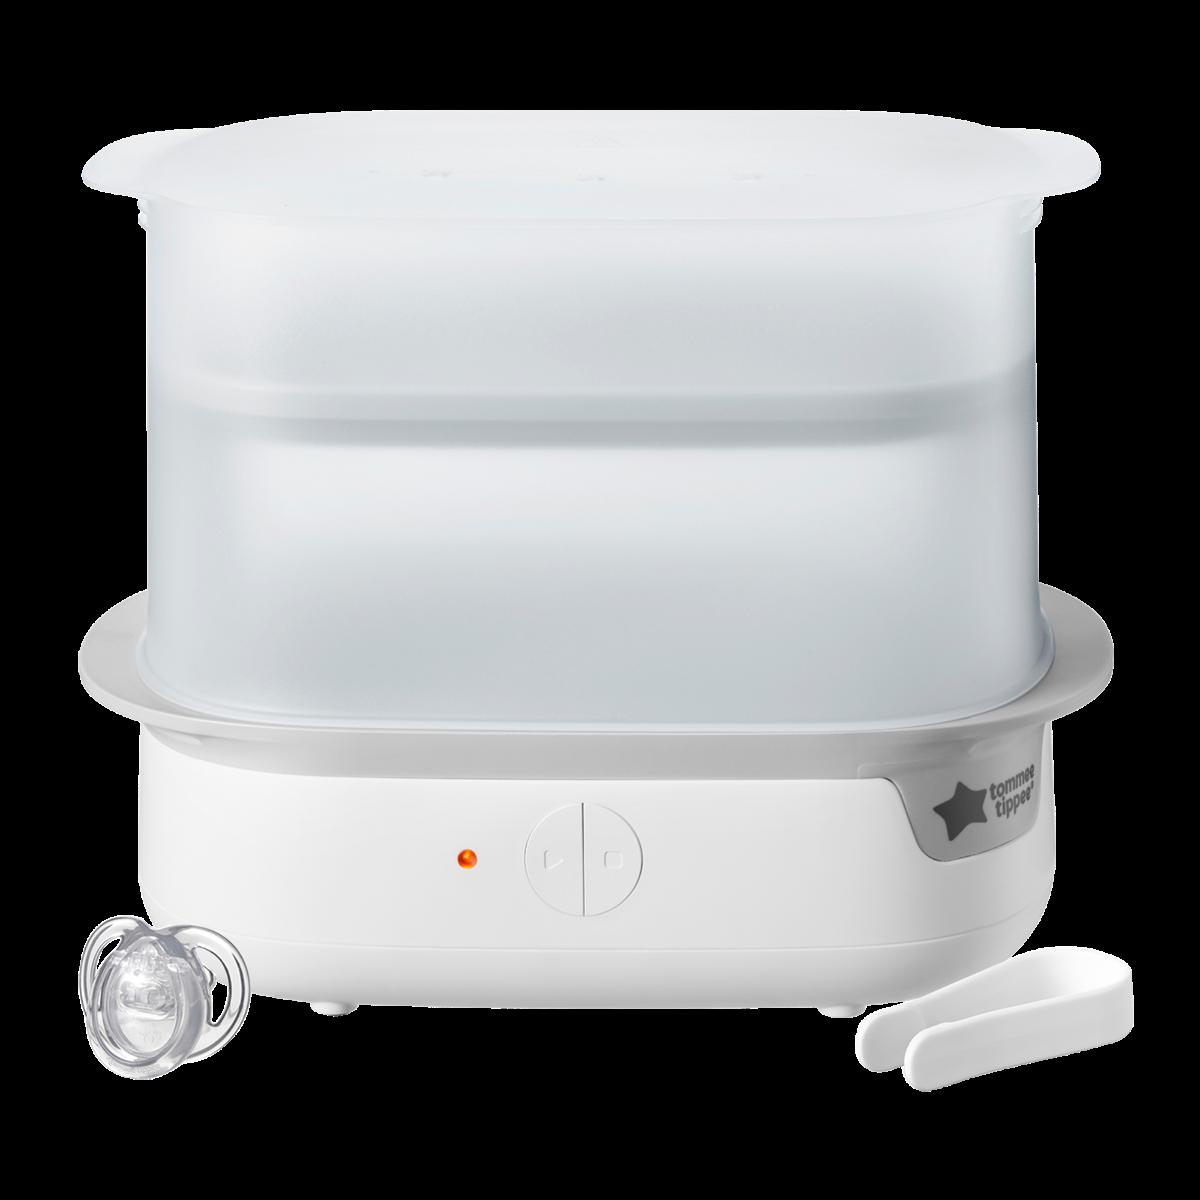 electric-steriliser-white